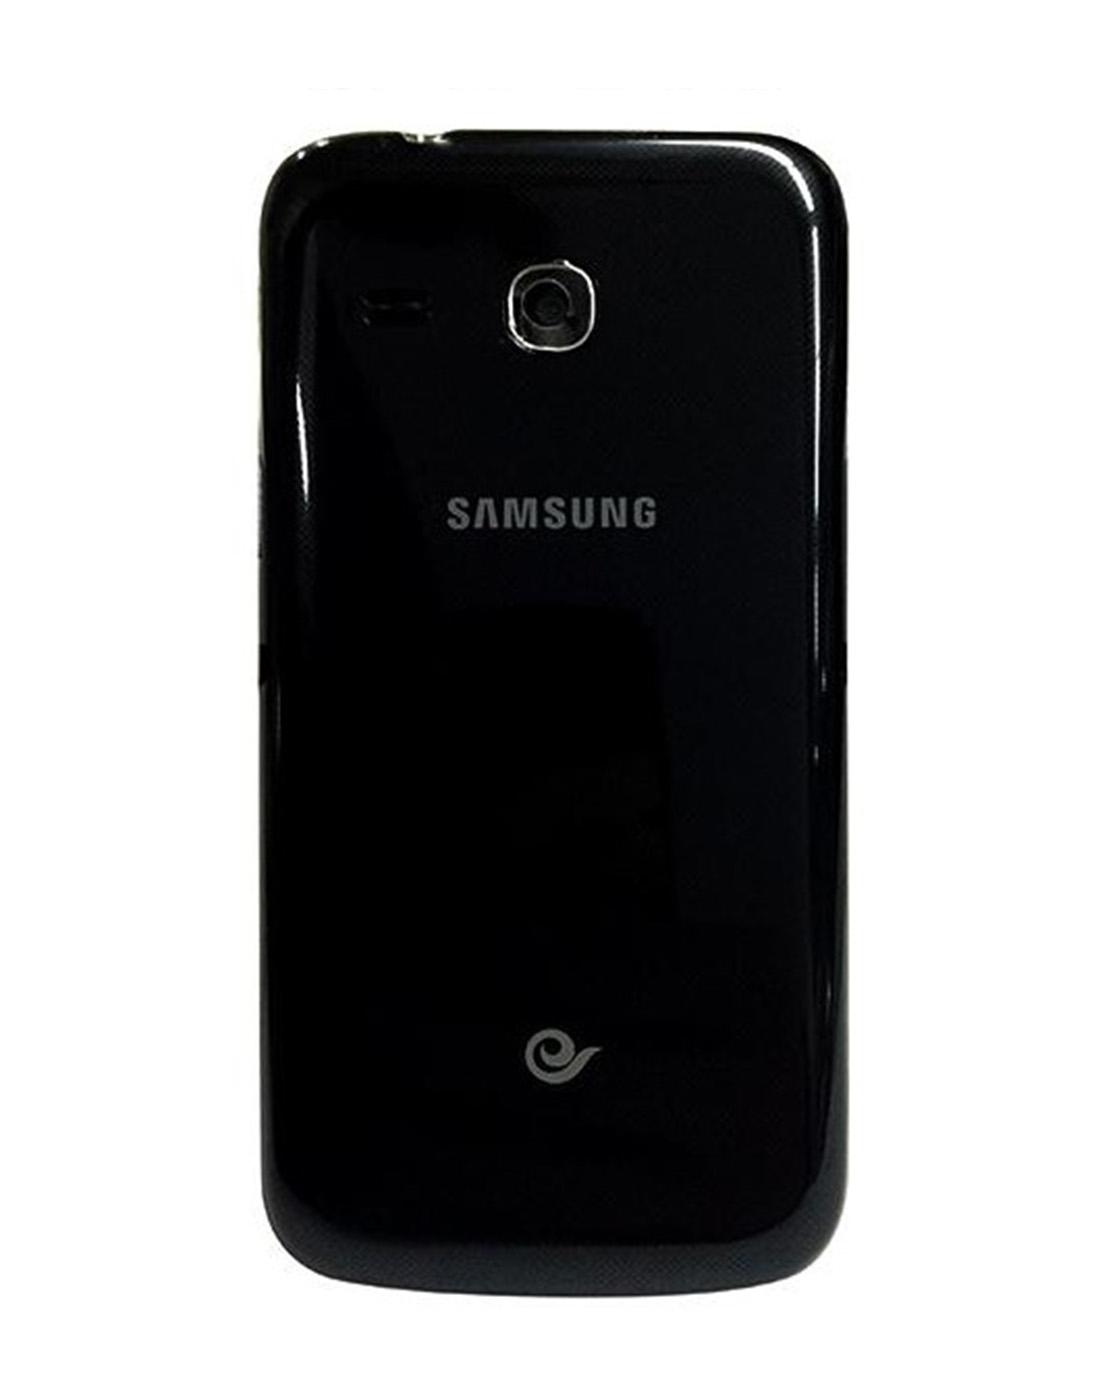 三星samsung品牌全系列数码专场-g3509i电信版送200元话费卡